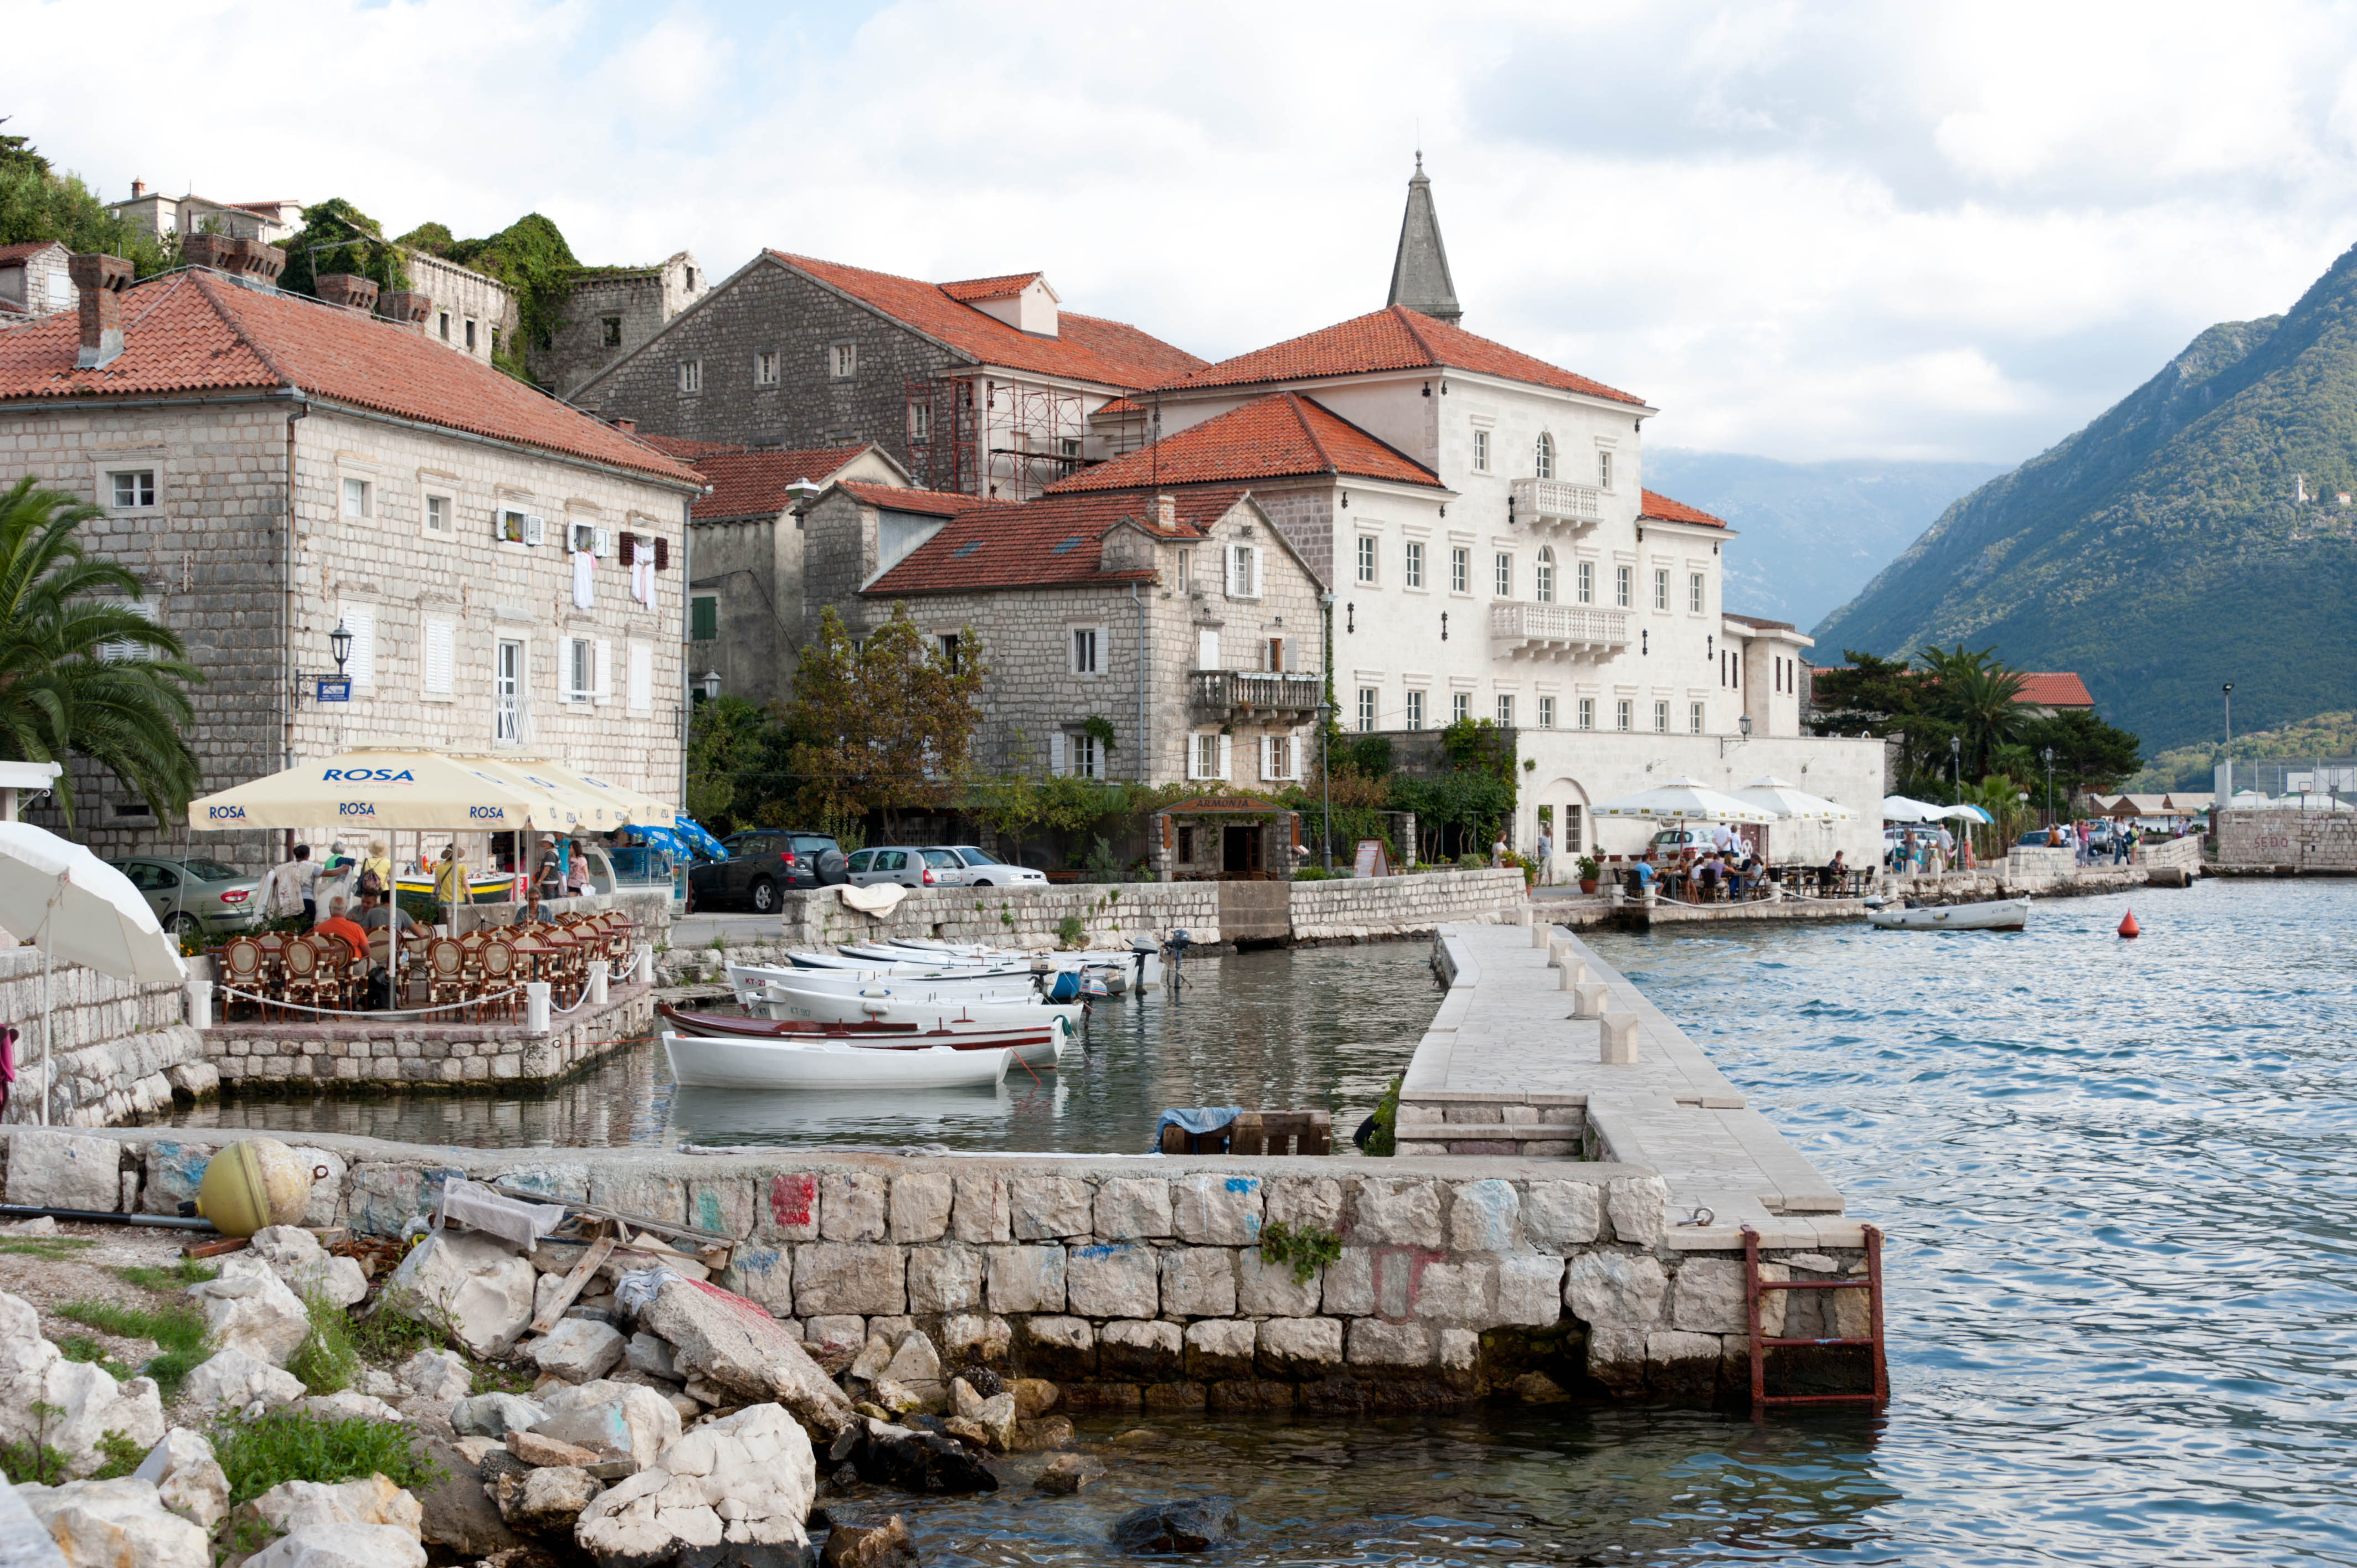 0205-Perast - Bouches de Kotor (Montenegro)